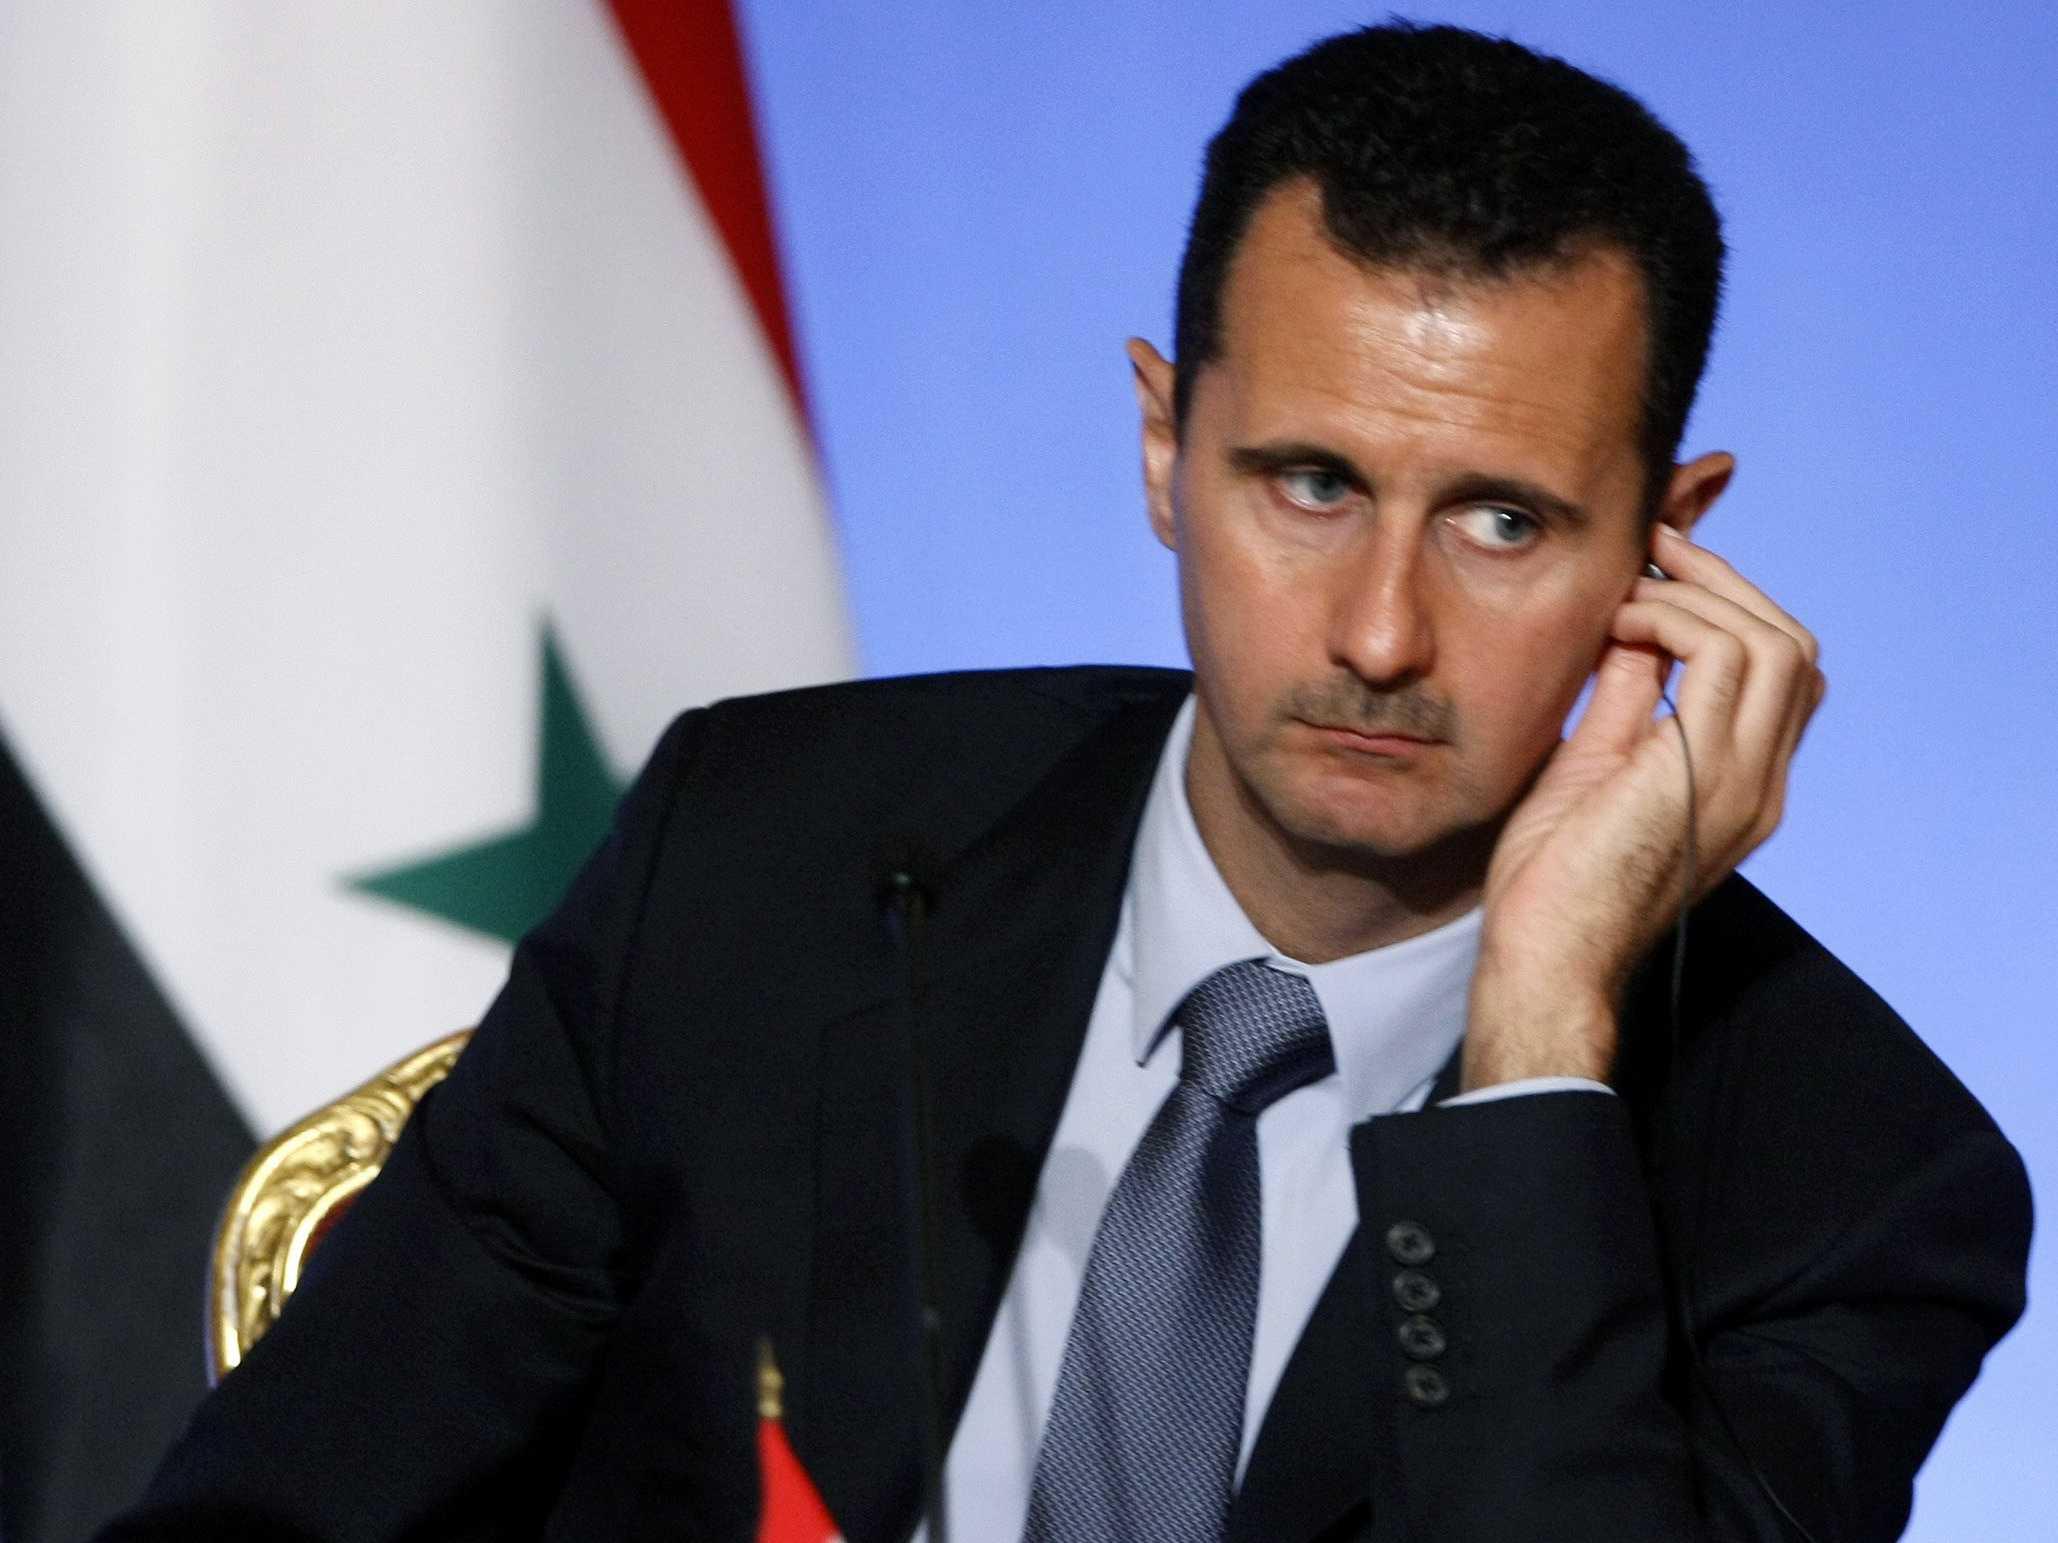 غرب در سال ۲۰۱۲ به پیشنهاد روسیه برای کنارهگیری اسد توجهی نکرد